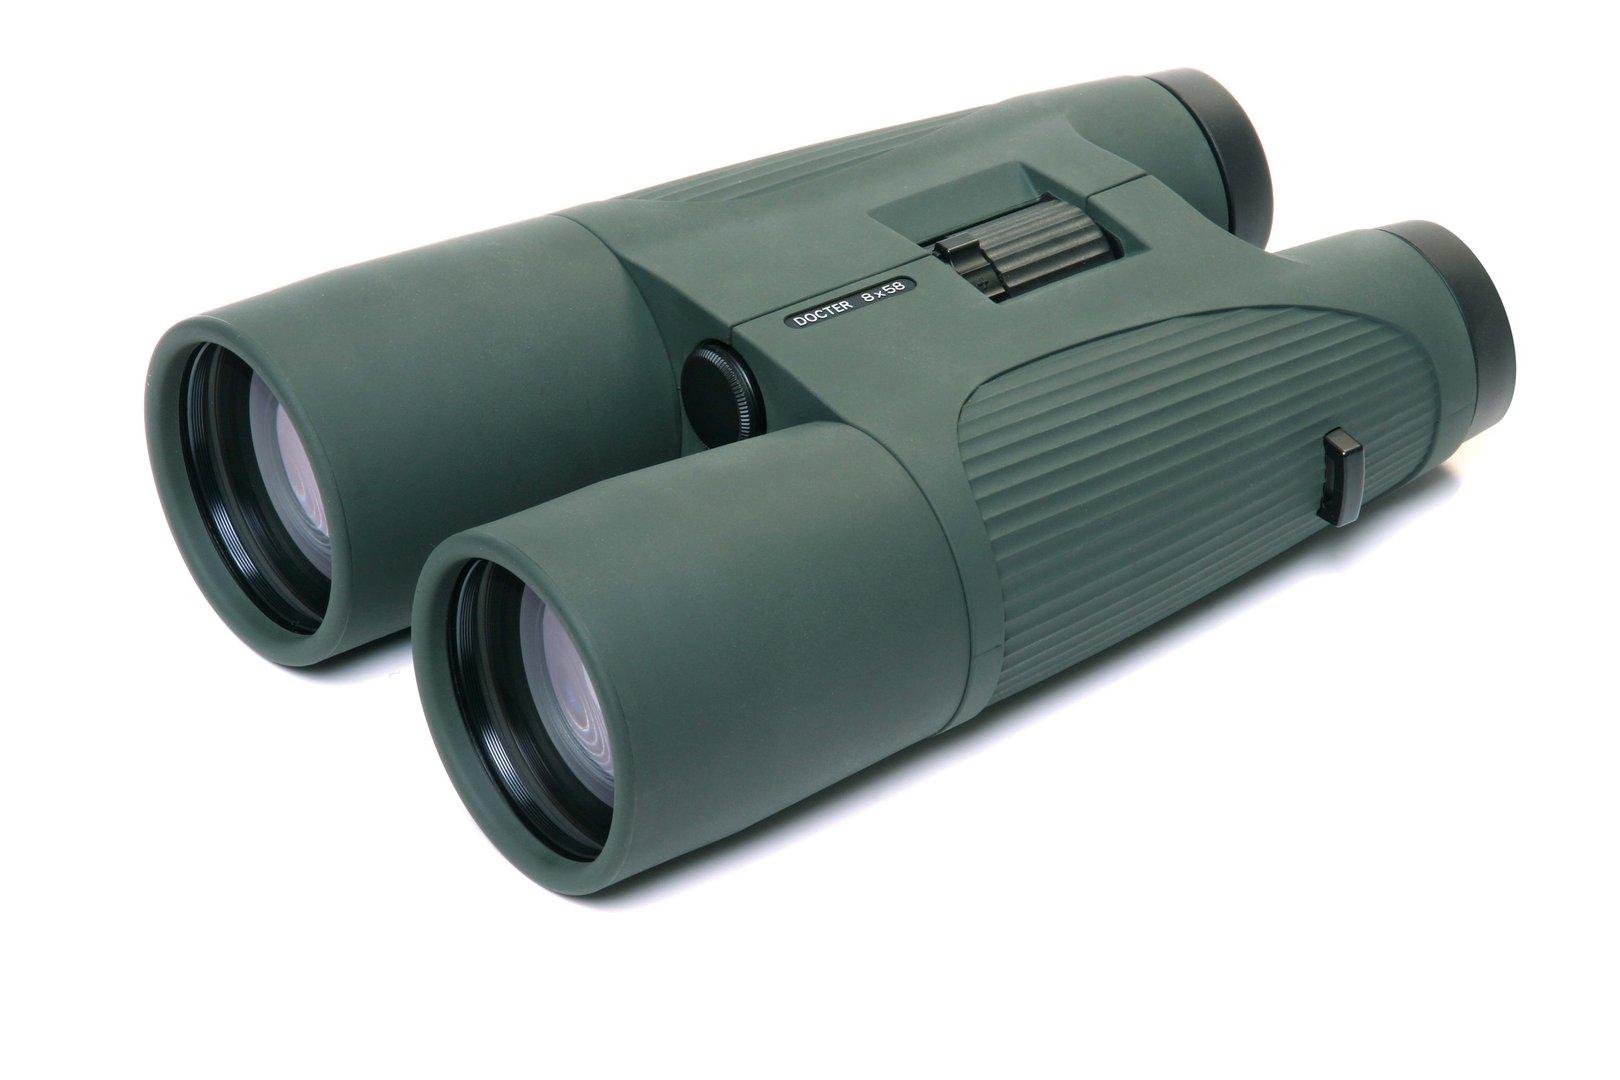 Jagd Fernglas Mit Entfernungsmesser Test : Optiken für die jagd der jÄger fernglas test